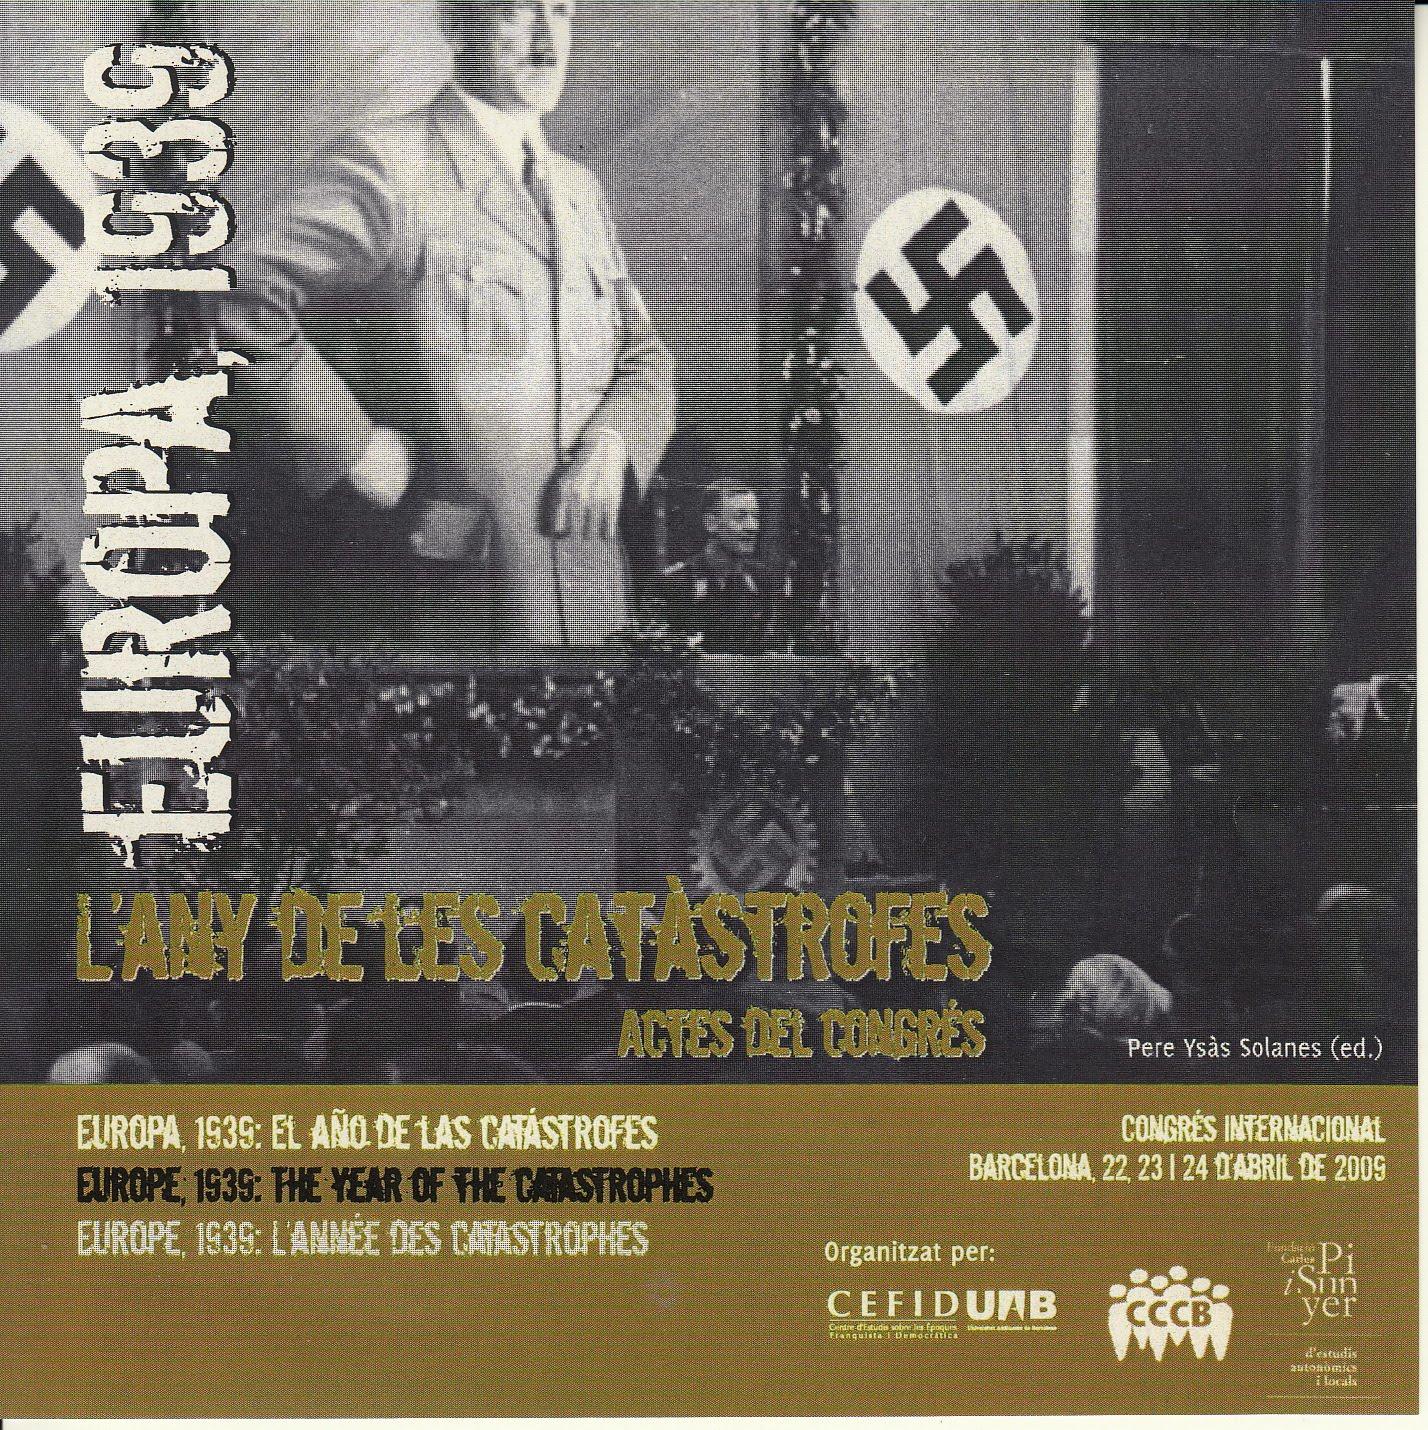 EUROPA, 1939. L´ANY DE LES CATÀSTROFES. ACTES DEL CONGRÉS. CEFID UAB / PERE YSÀS Ed.